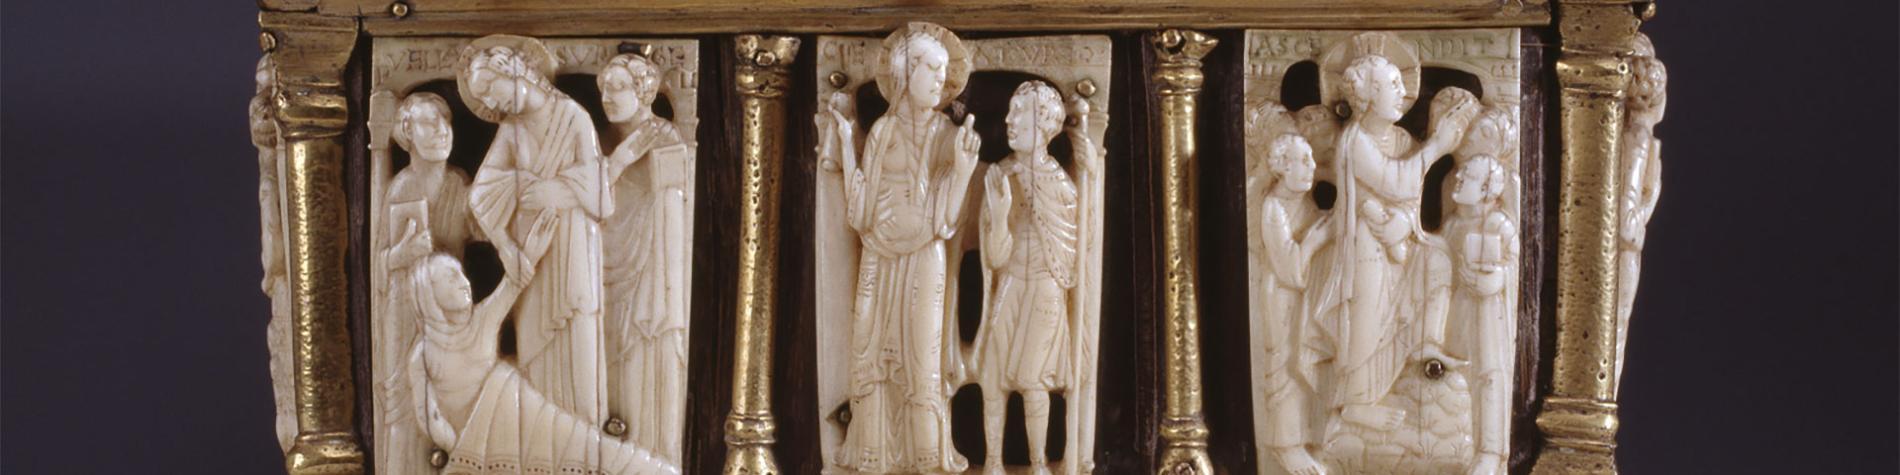 Musée - diocésain - trésor - cathédrale de Namur - orfèvrerie - verres - sculptures - dinanderies - ornements liturgiques